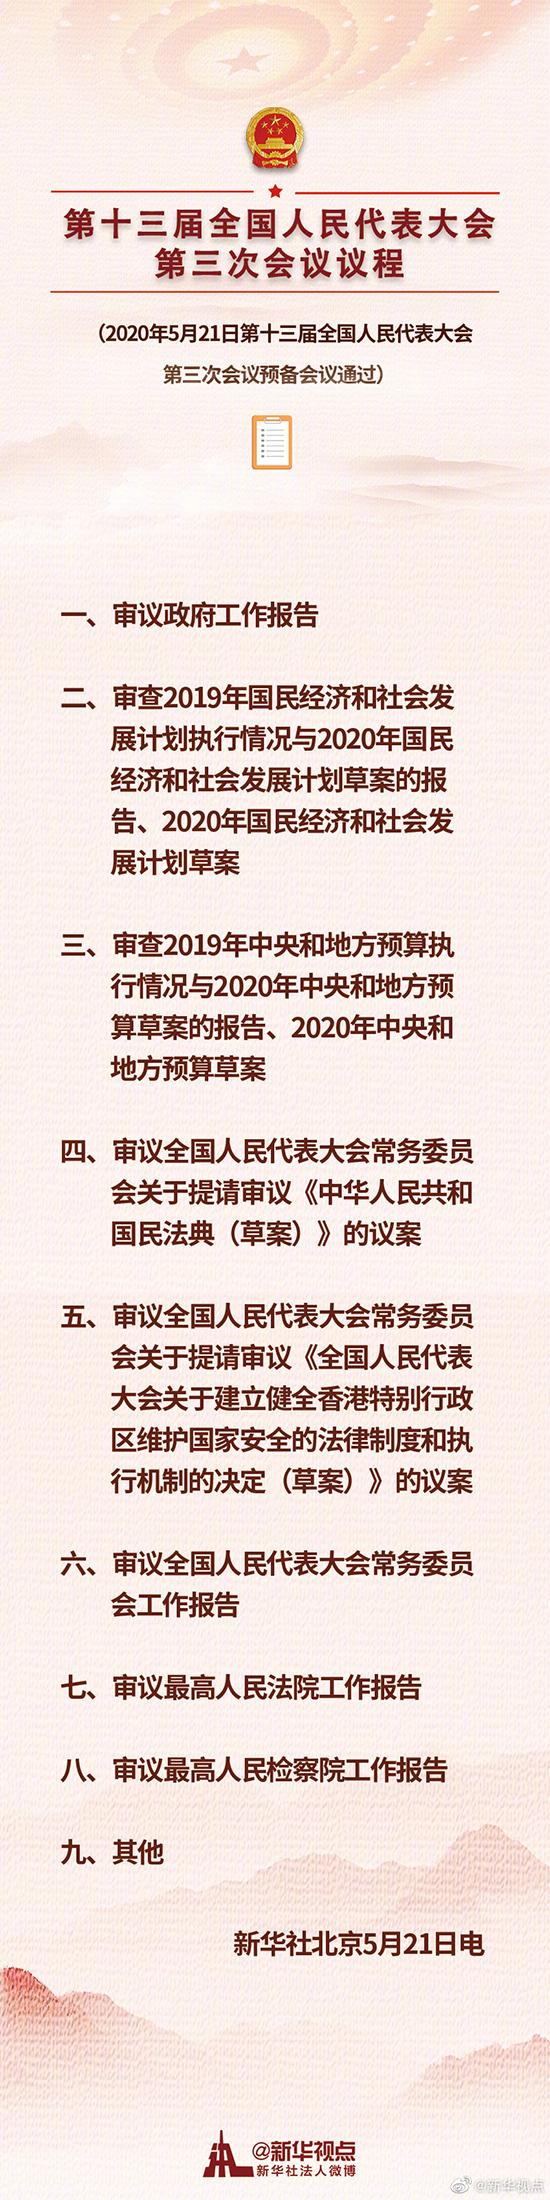 (两会受权发布)第十三届全国人民代表大会第三次会议议程